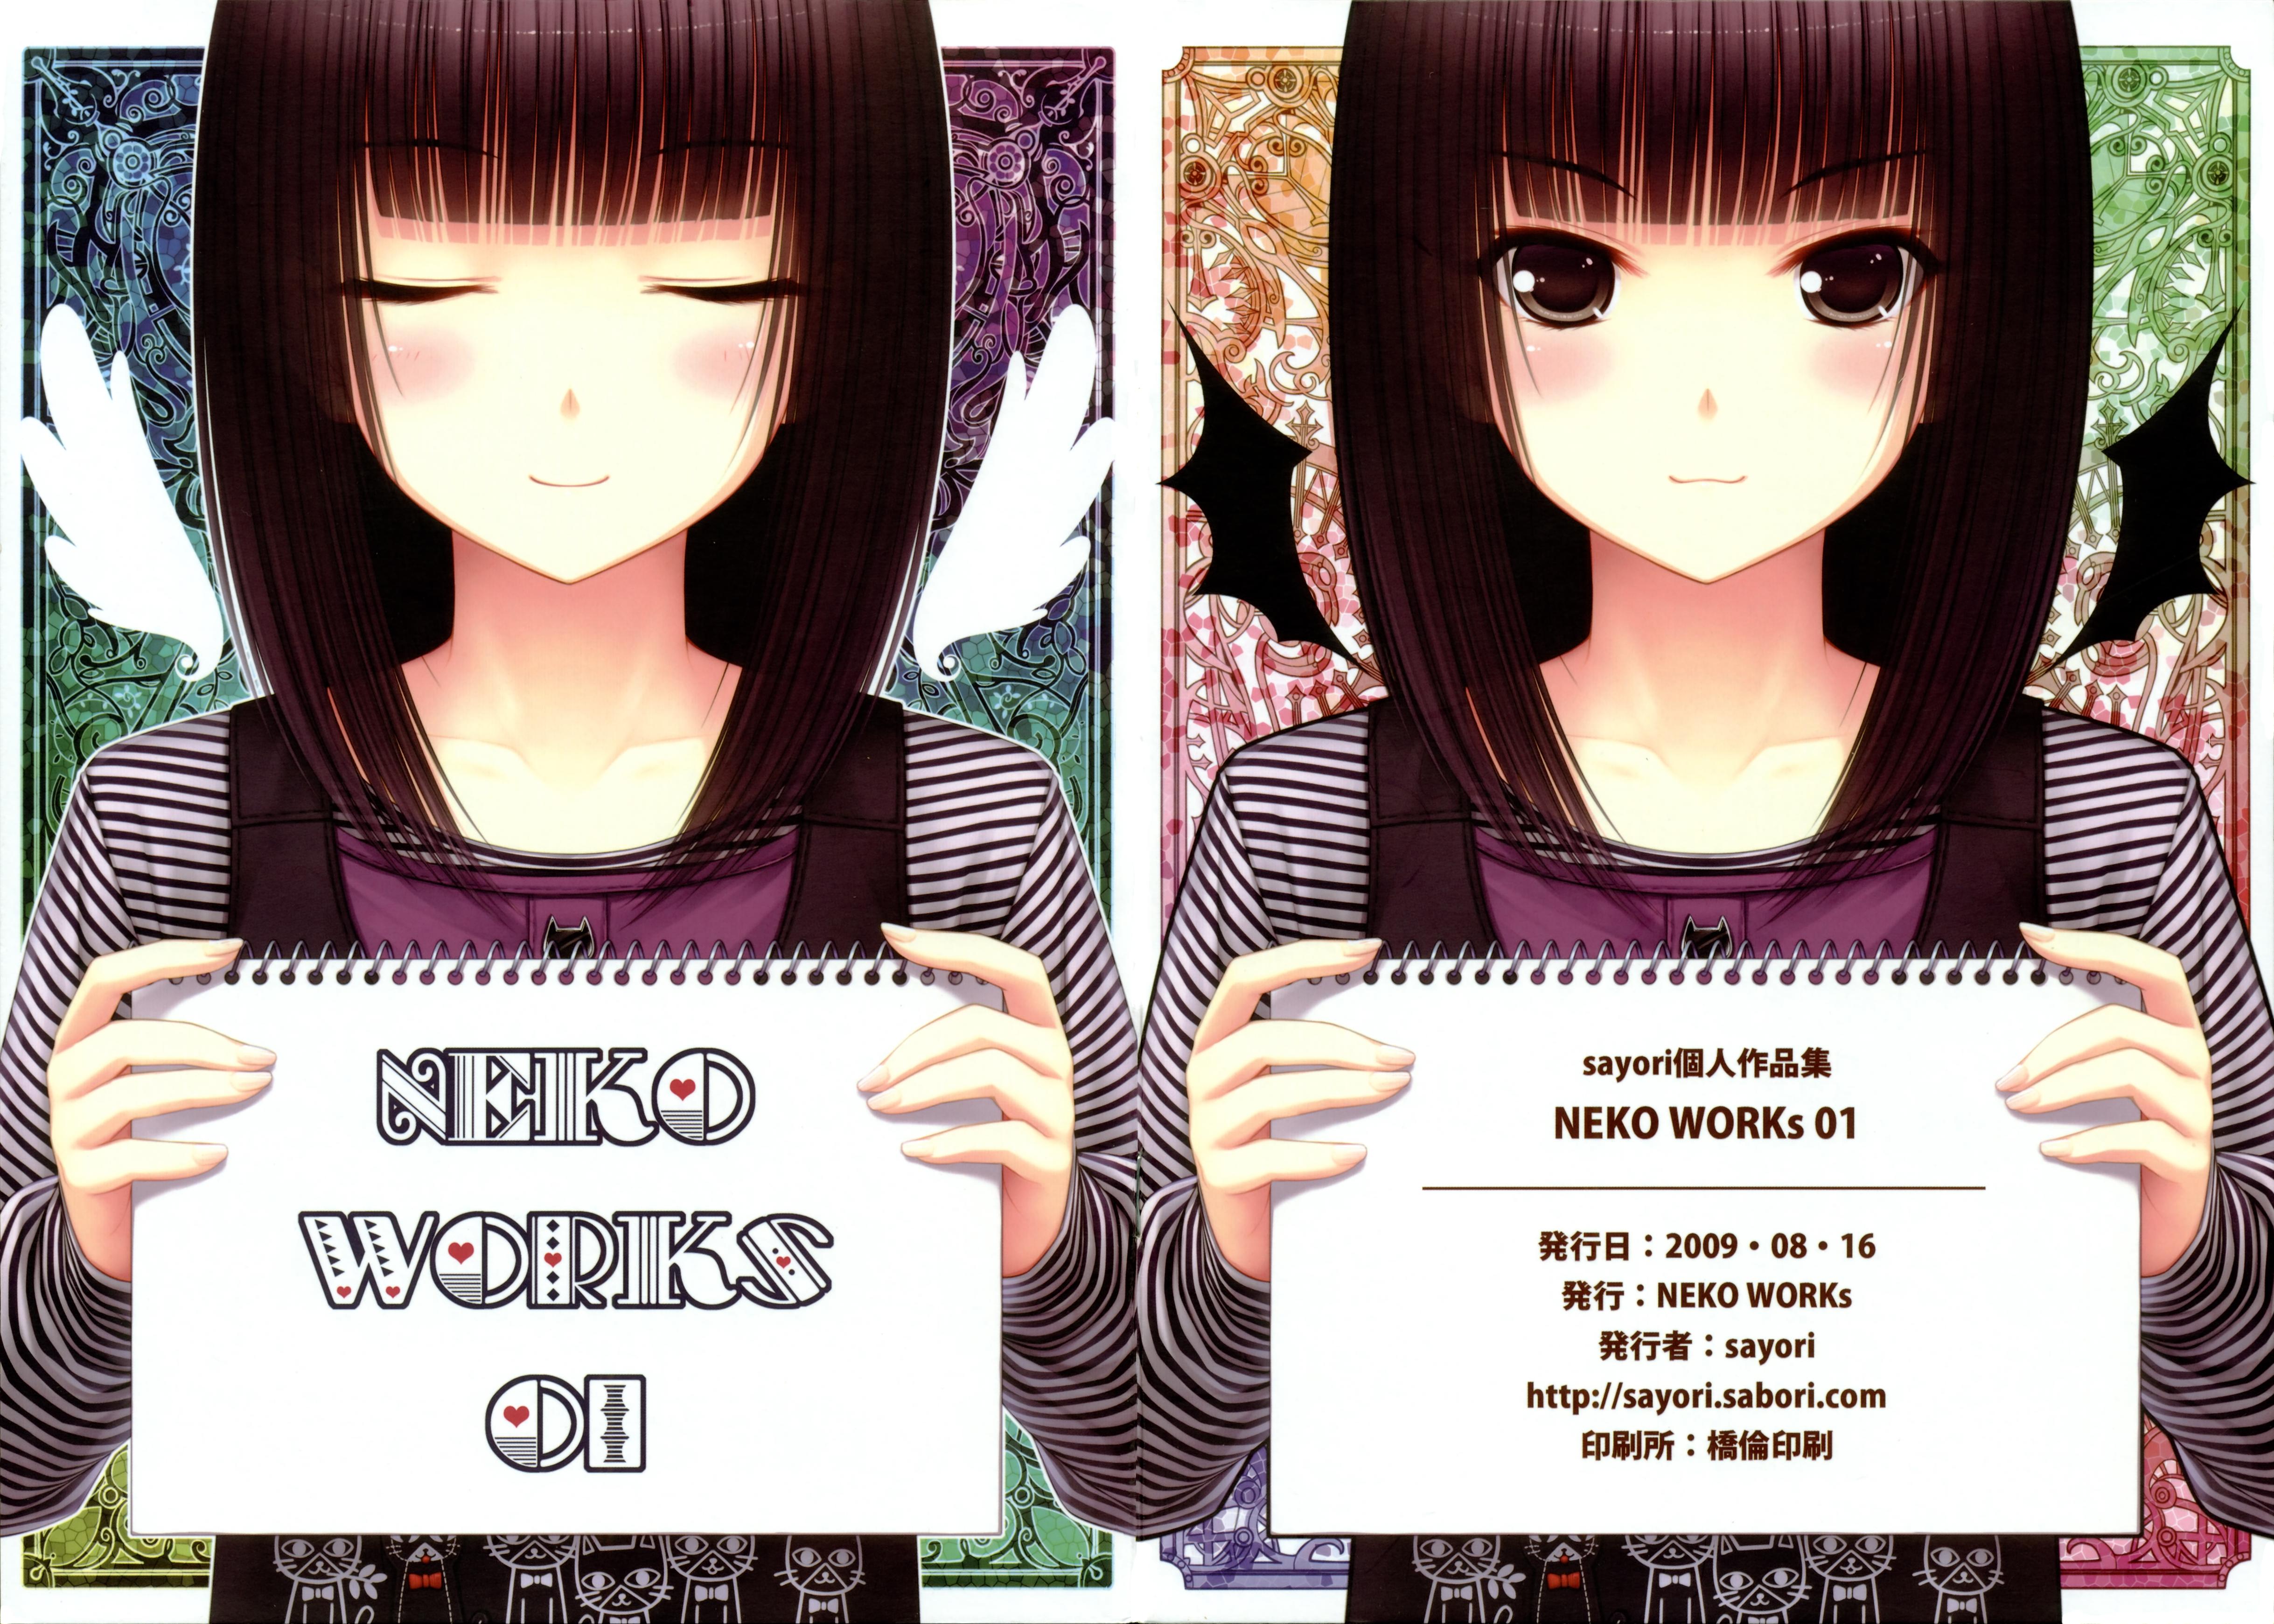 Картинки с героями аниме и надписями, поздравление днем рождения